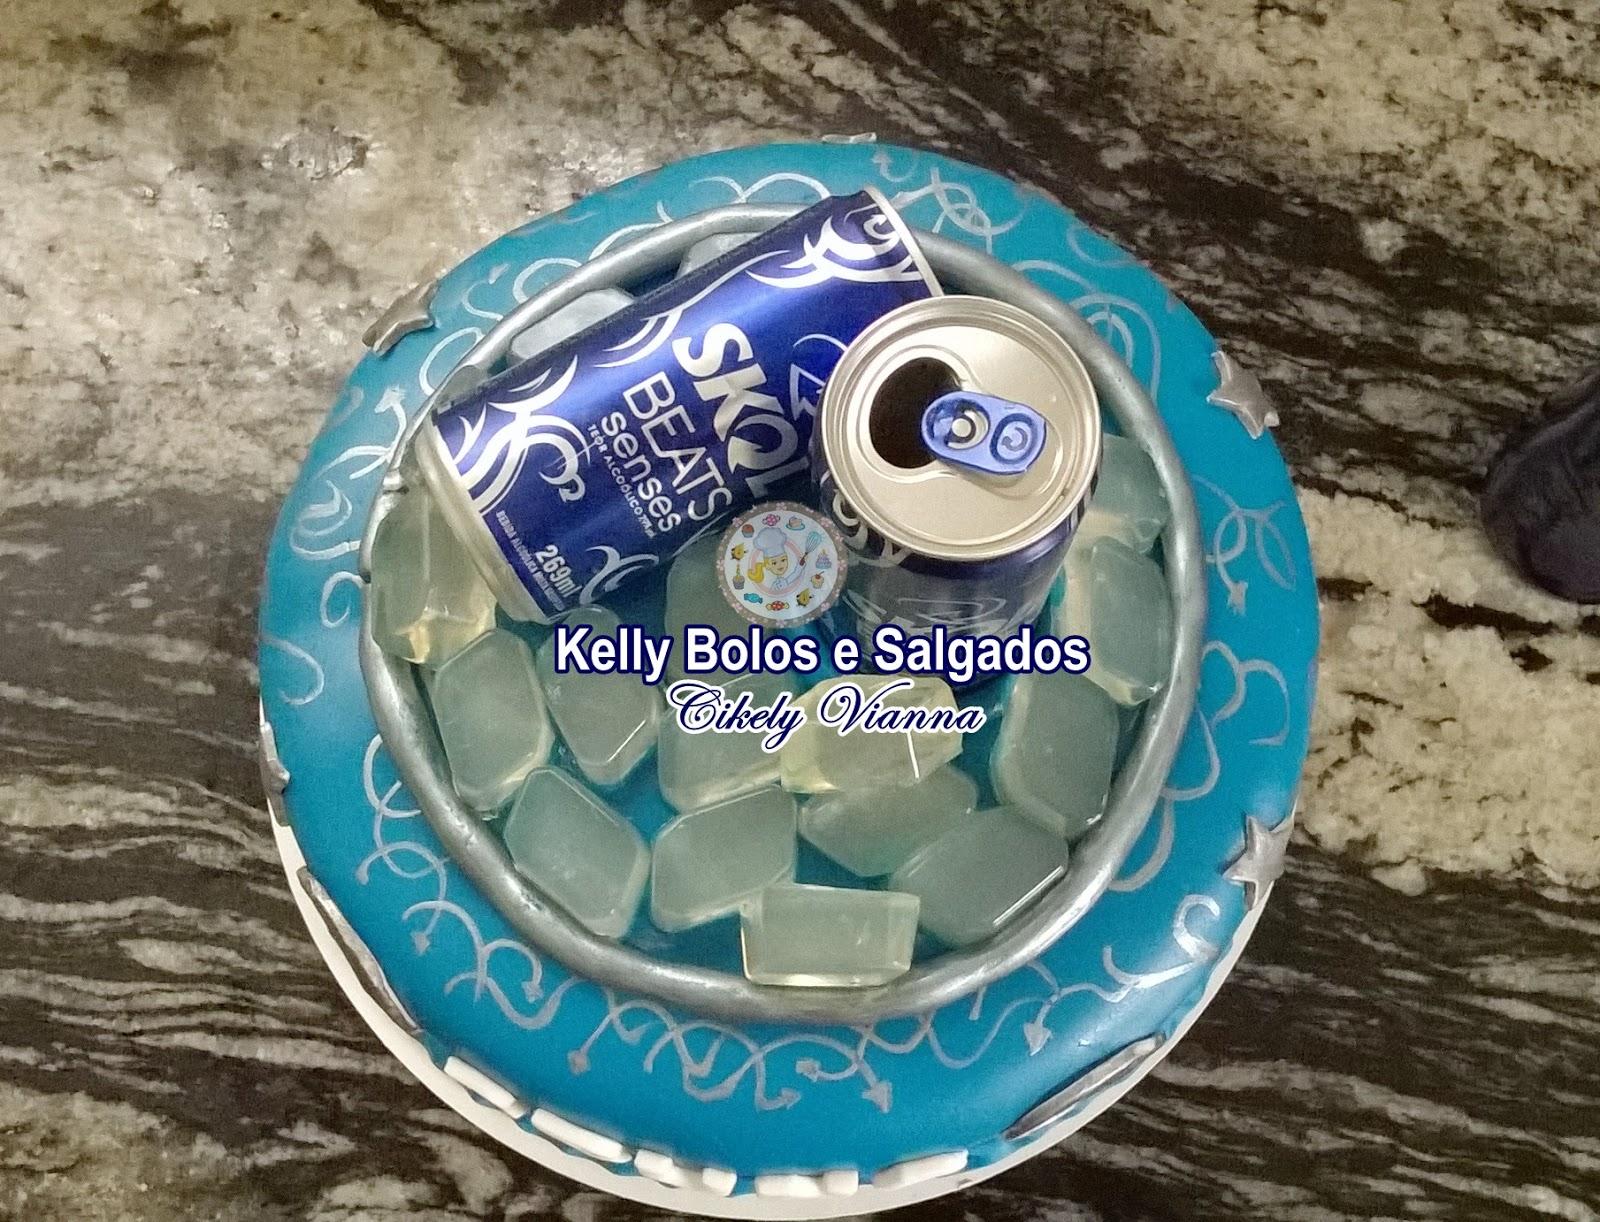 Suficiente Kelly Bolos e Salgados: Bolo Cerveja Skol Beats JF53